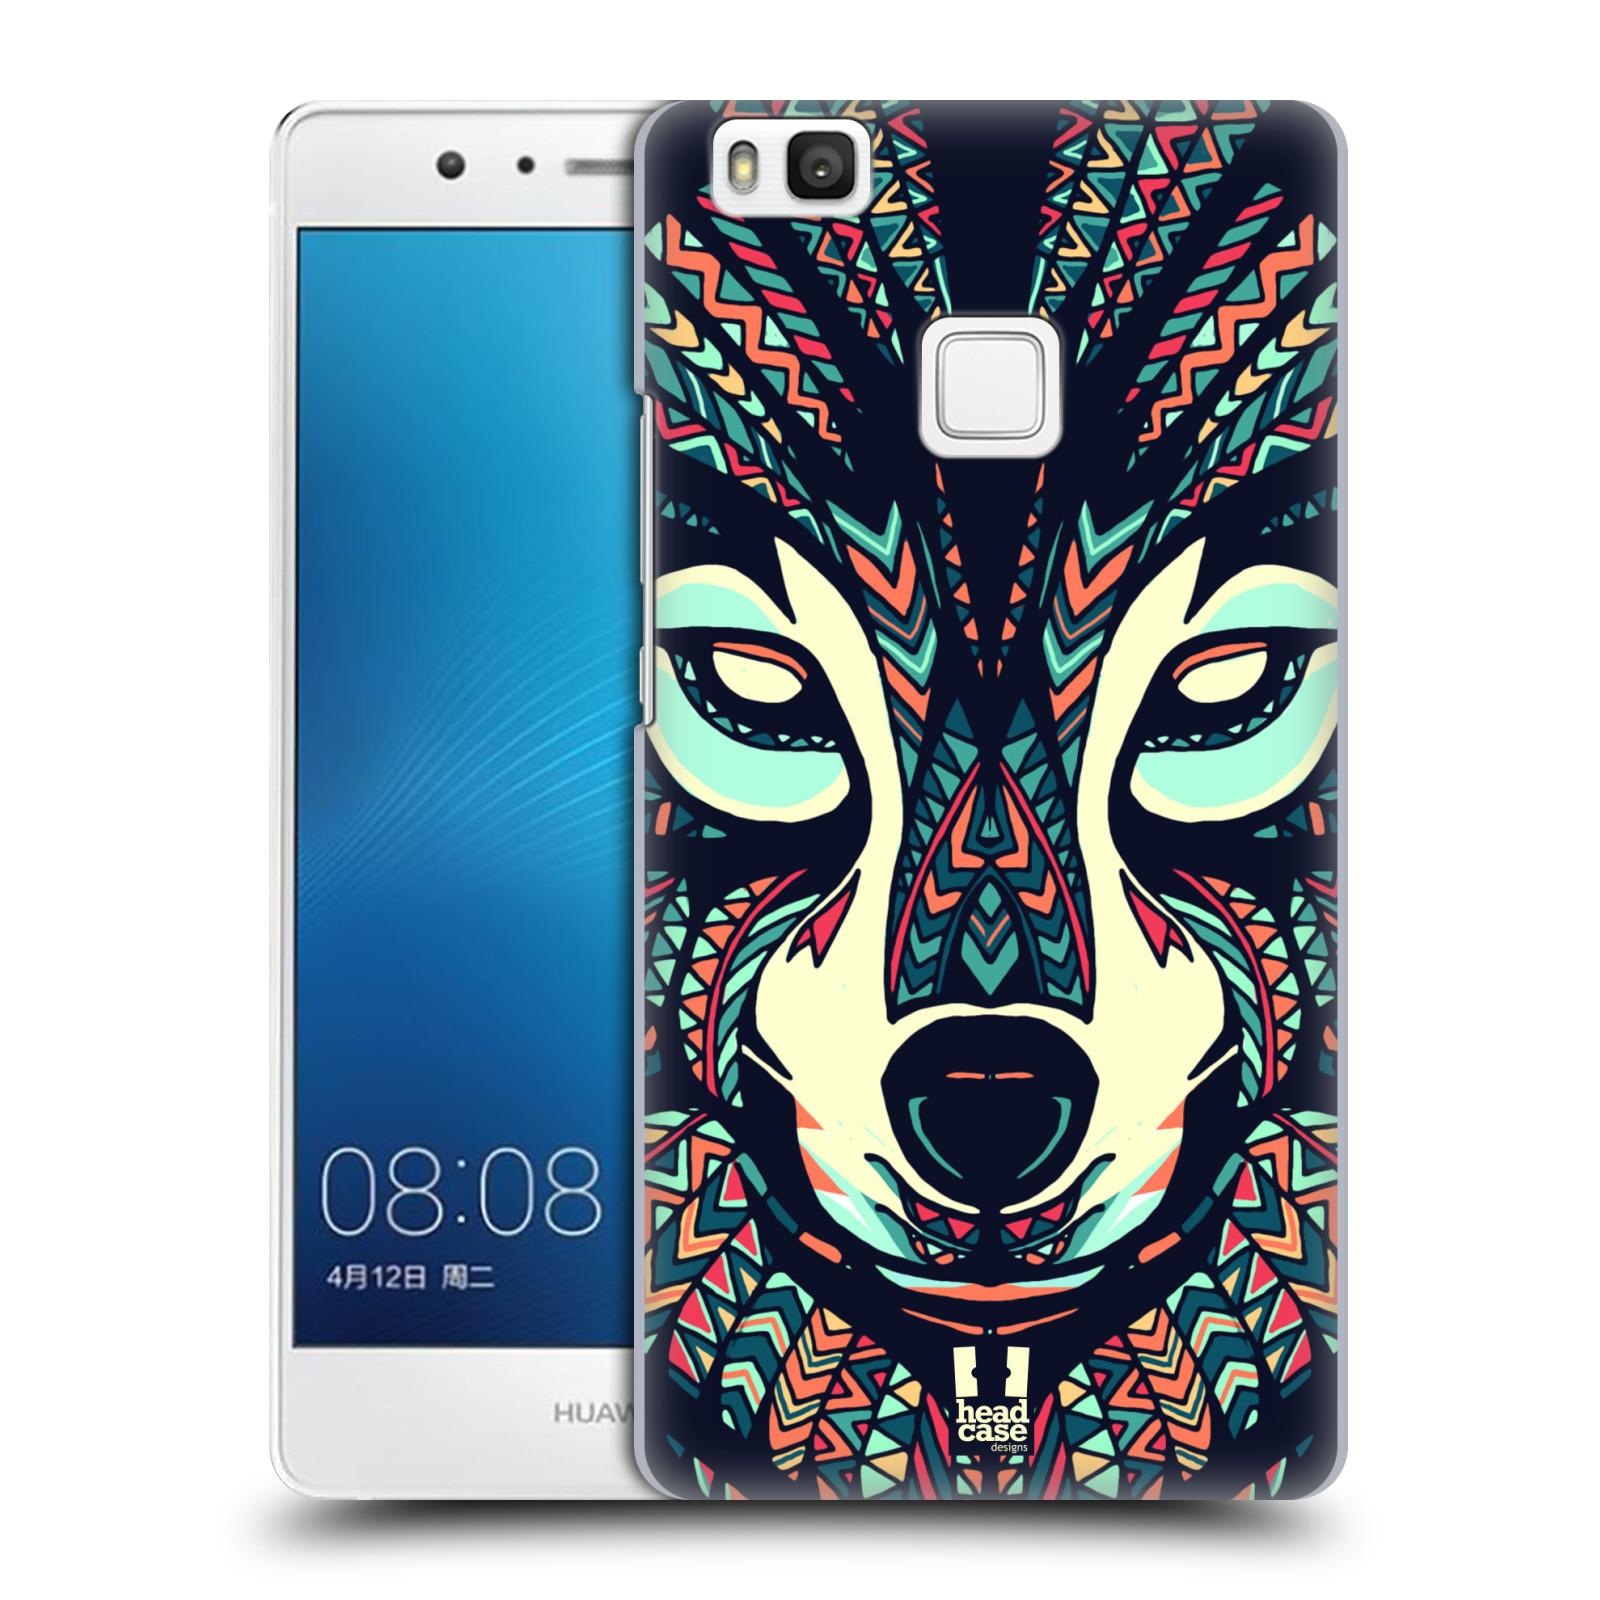 HEAD CASE plastový obal na mobil Huawei P9 LITE / P9 LITE DUAL SIM vzor Aztécký motiv zvíře 3 vlk